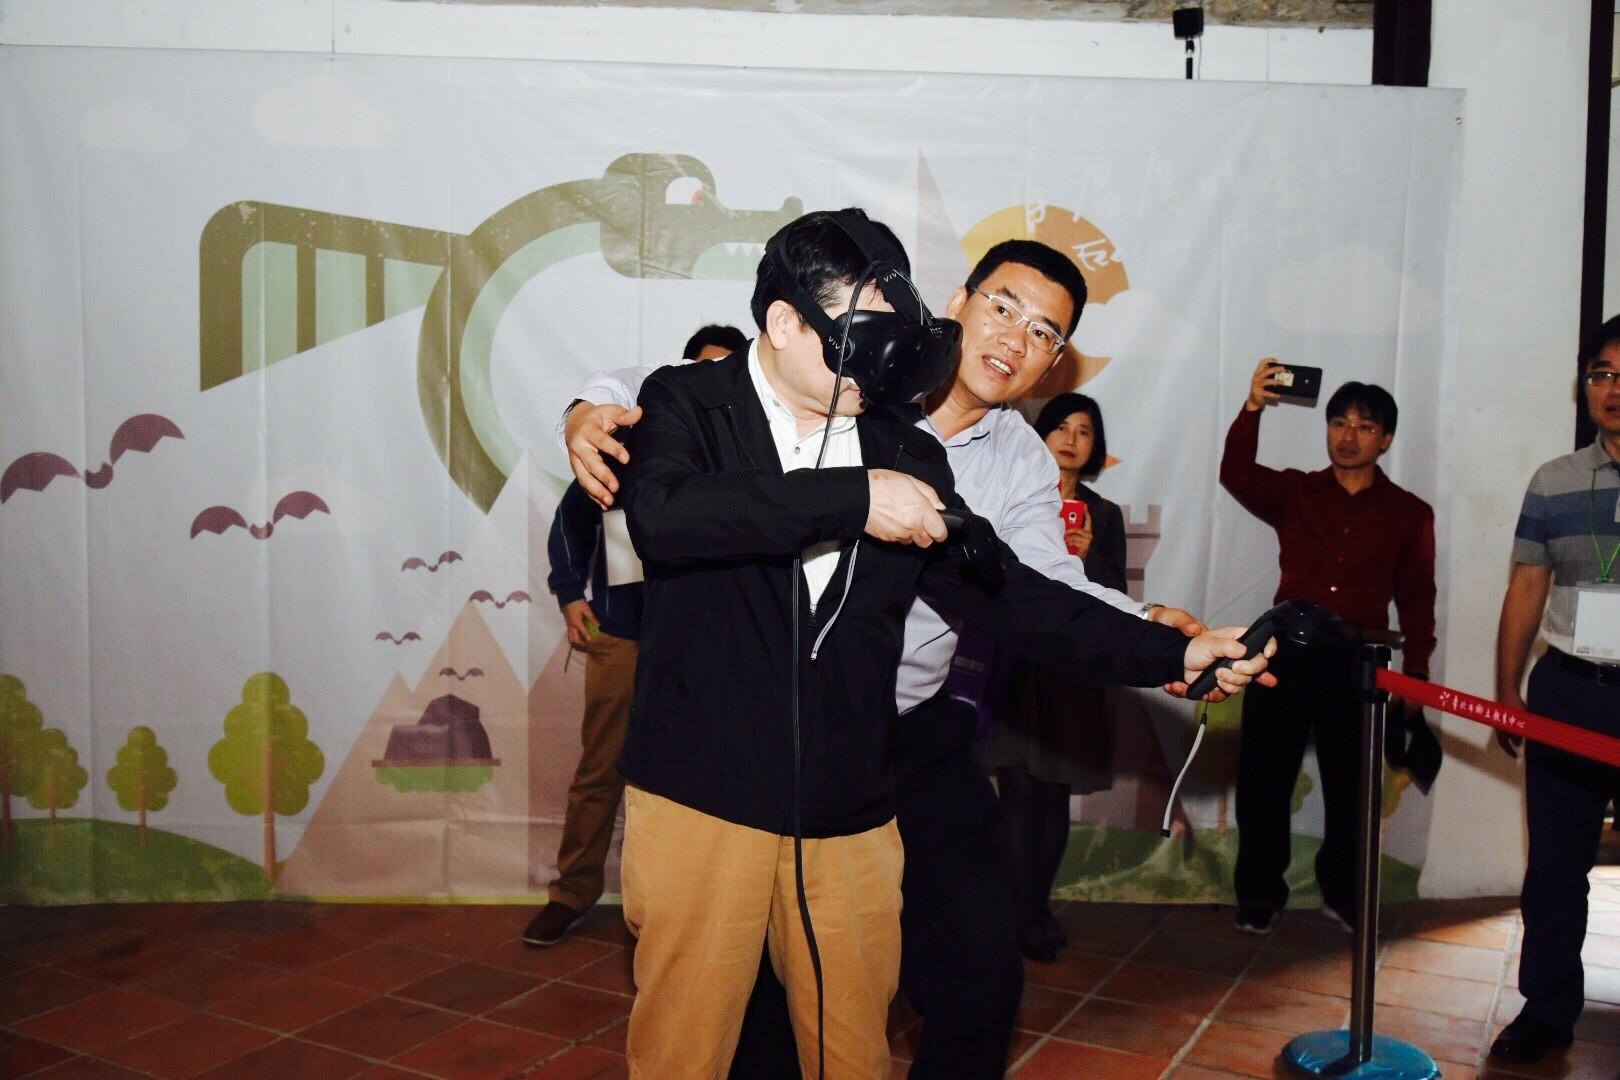 活動設有射箭體驗區,圖為鄧副市長體驗VR射箭遊戲之畫面